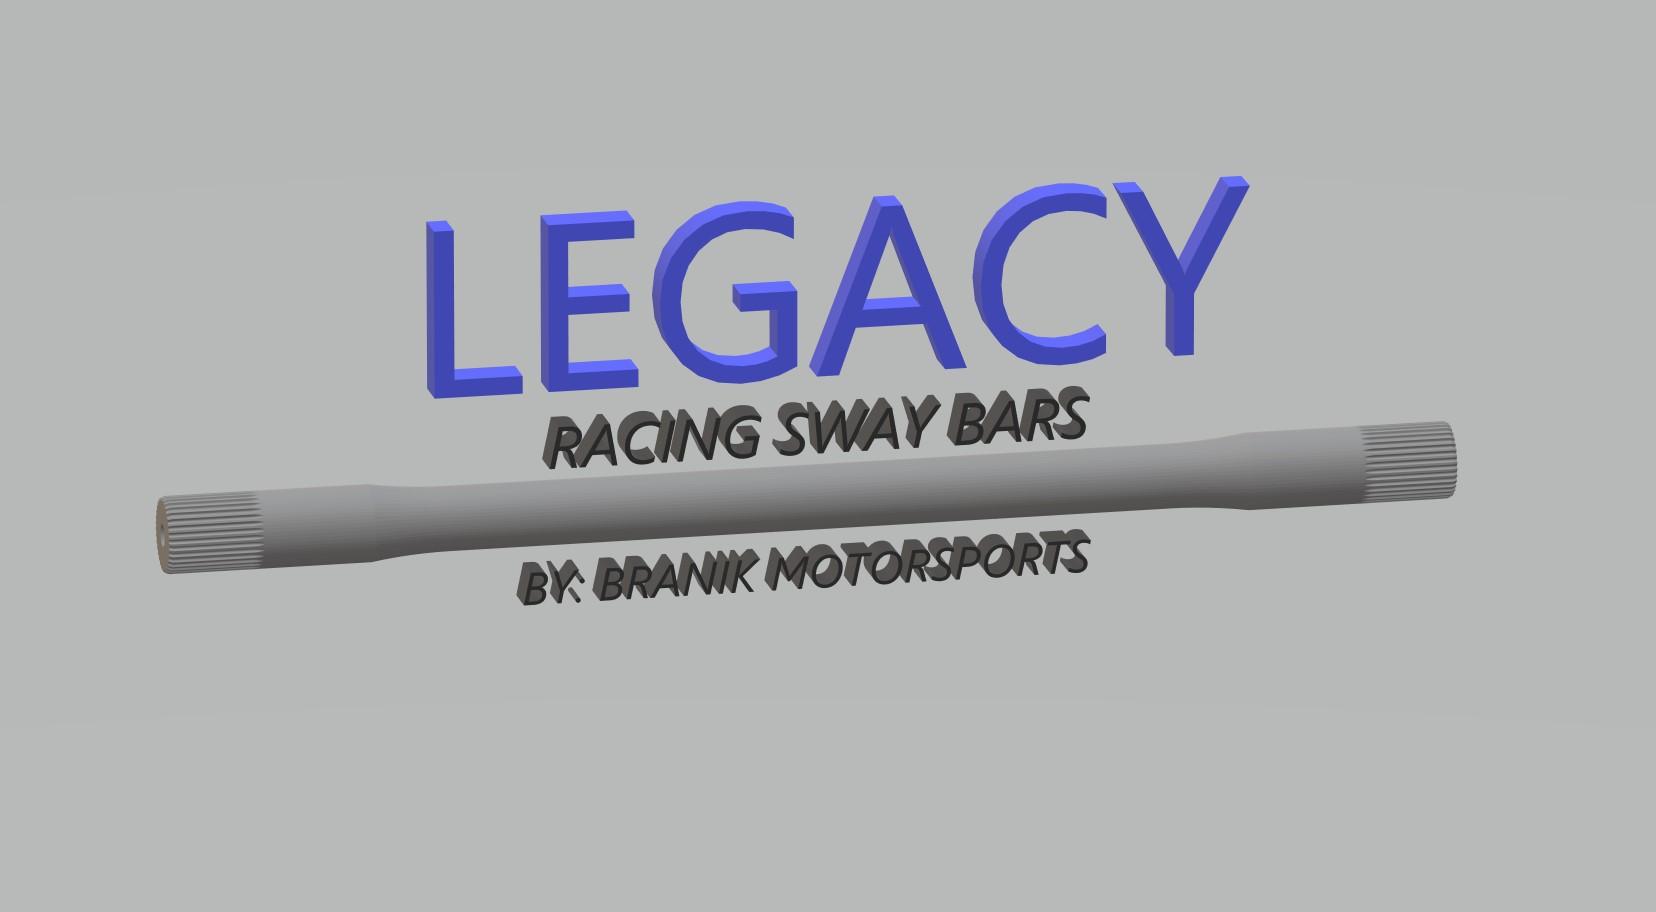 sway-bar-logo.jpg